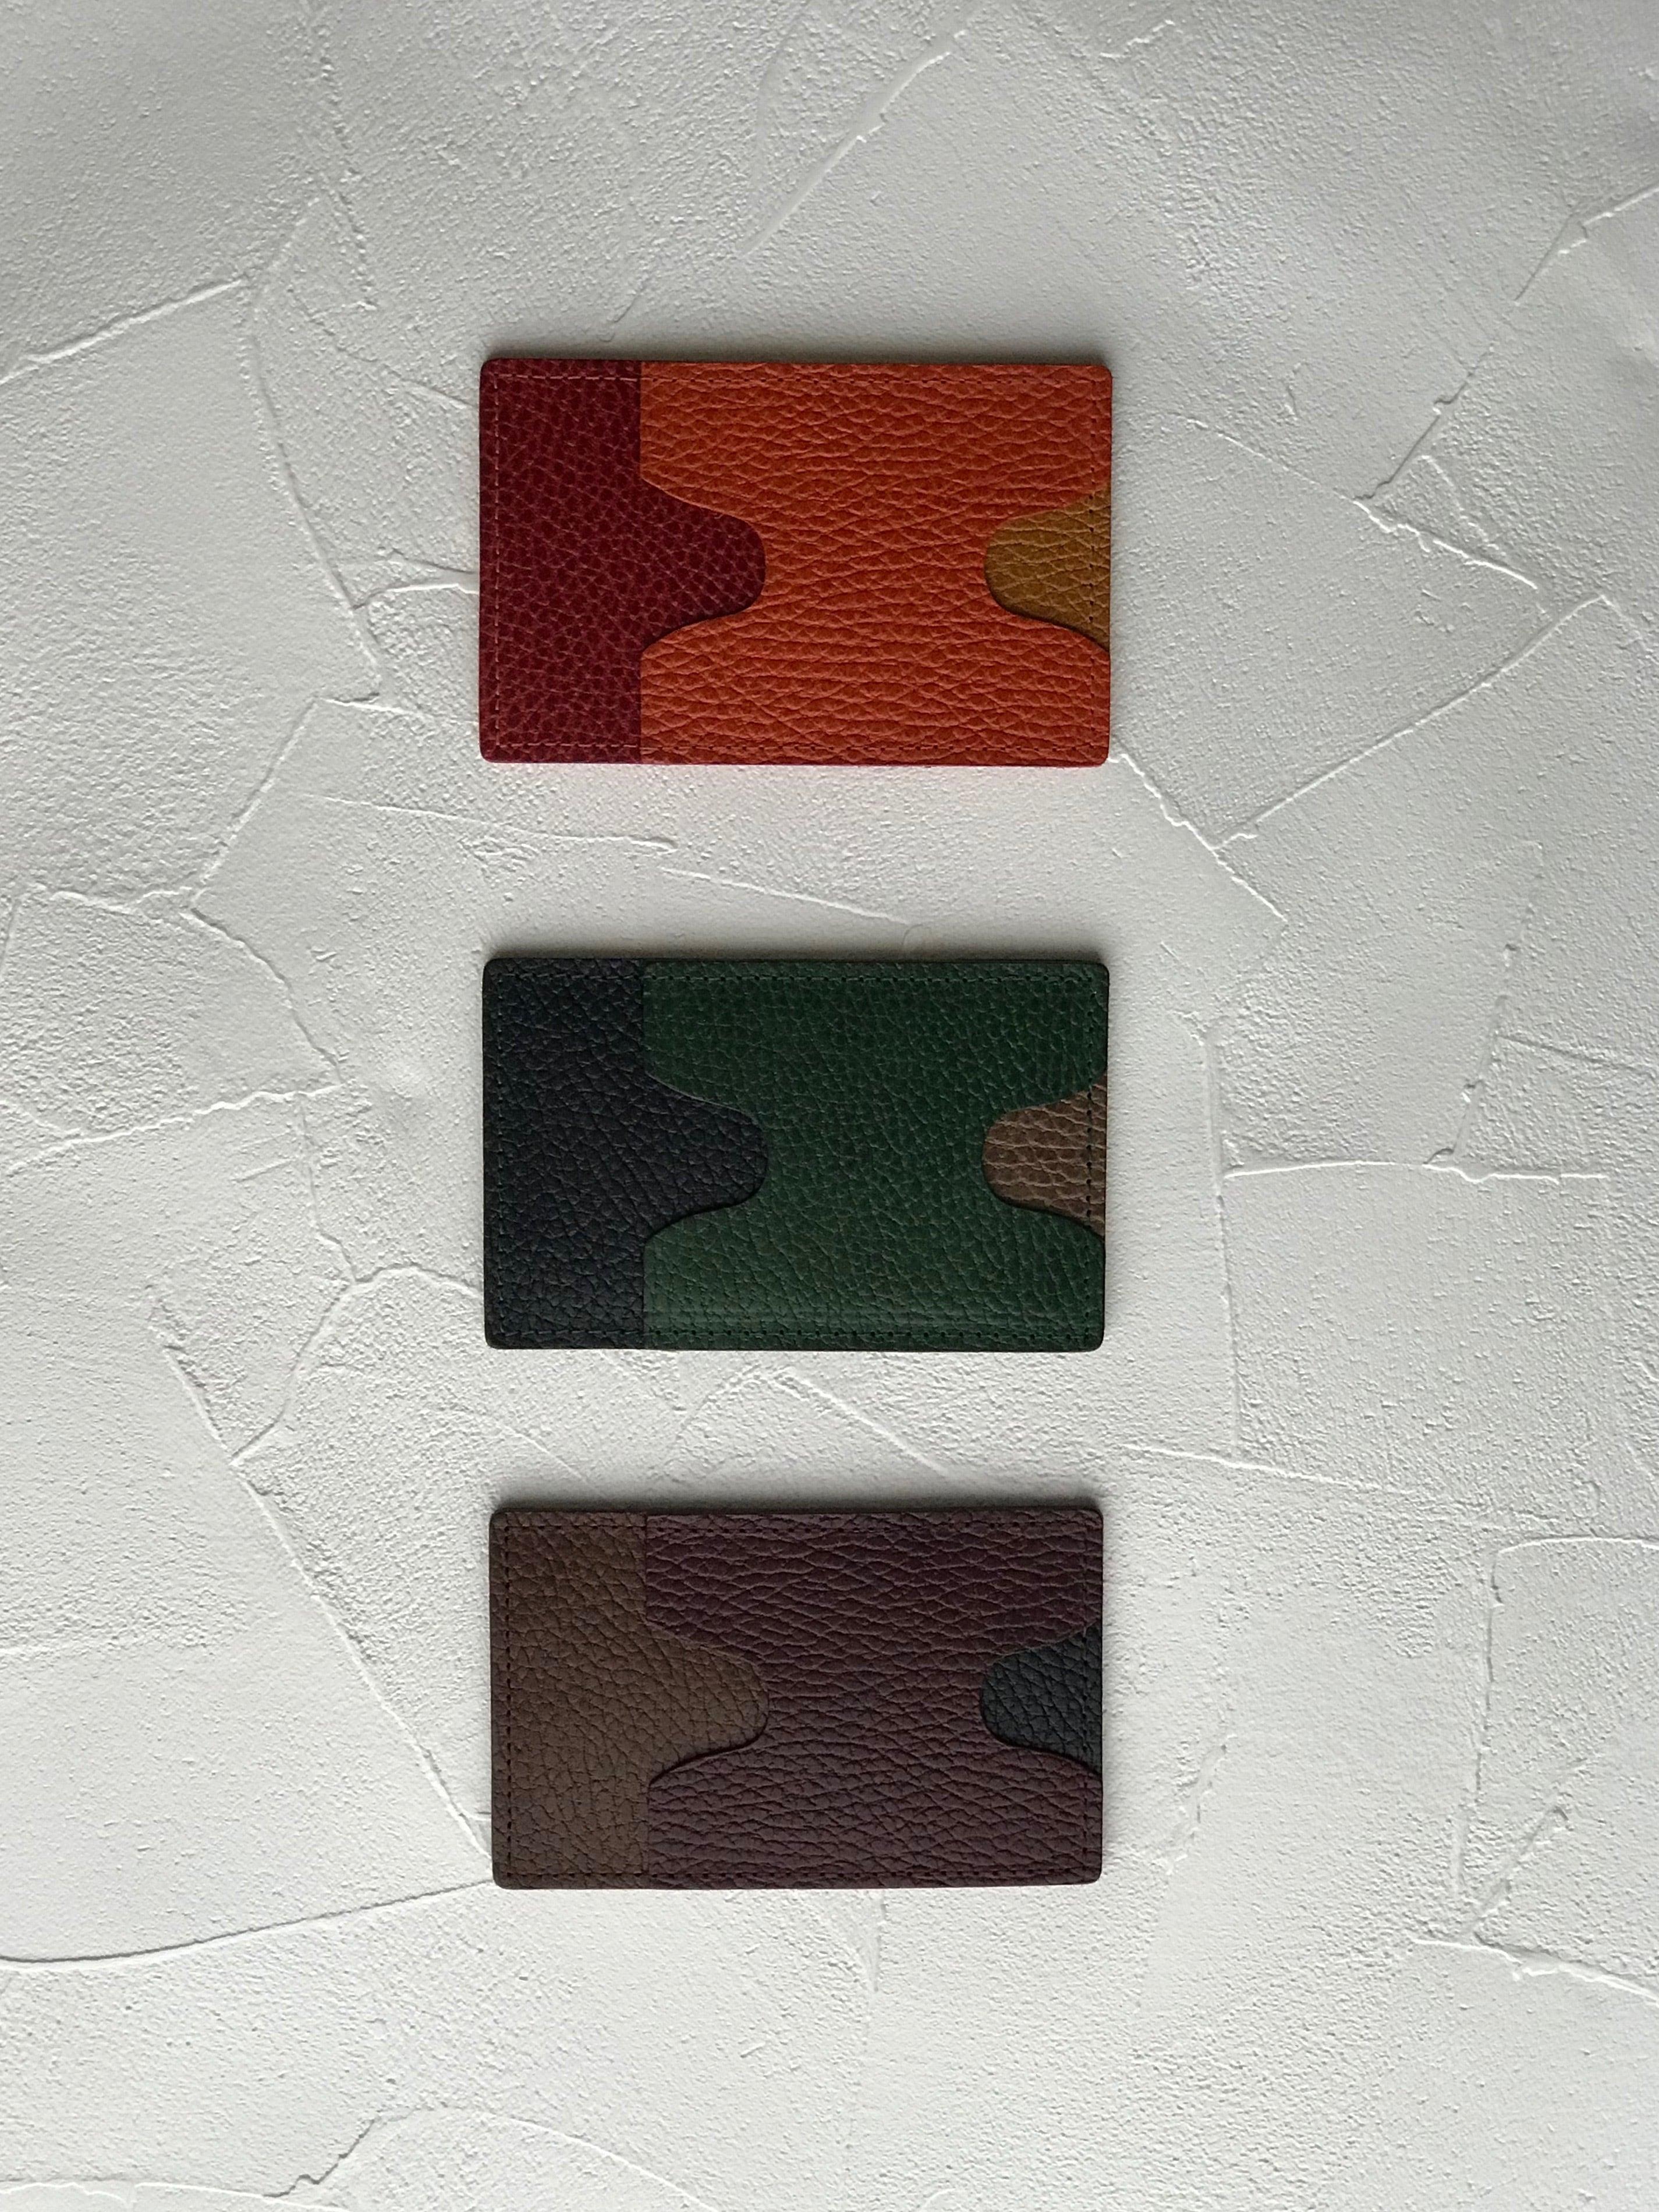 パスケース torico1 □ネイビー・ワイン・チョコ□ - 画像4